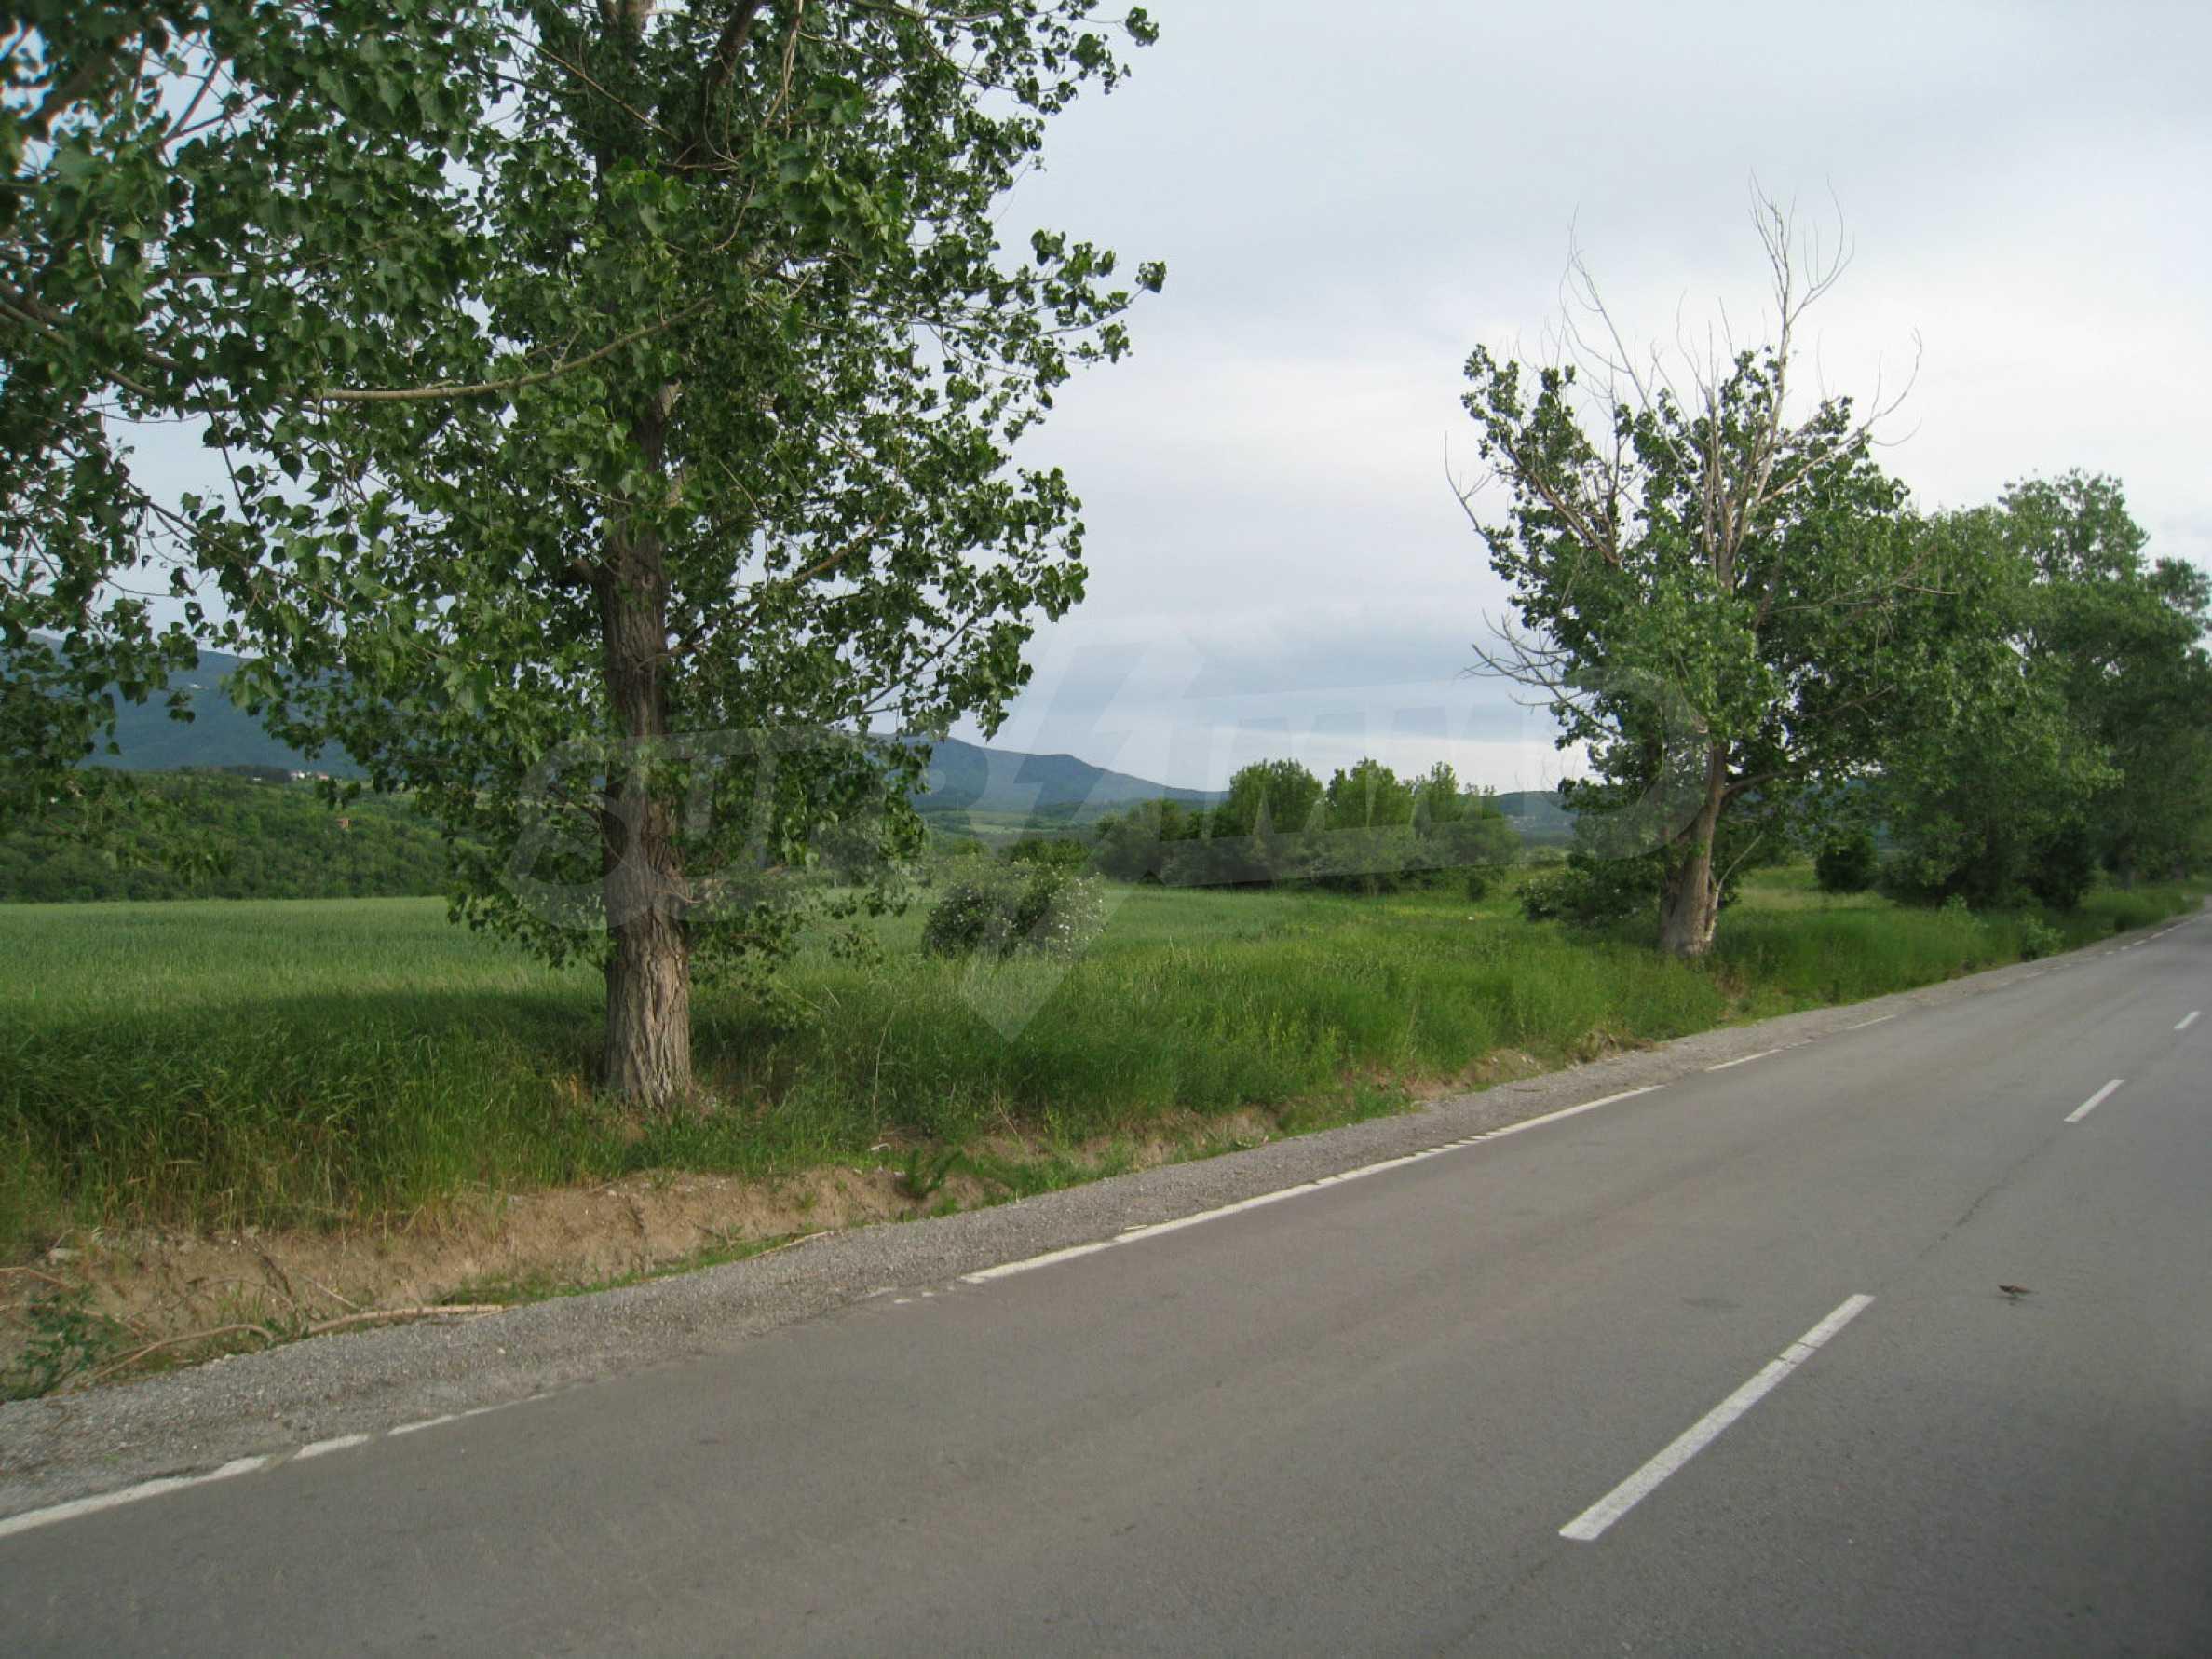 Agricultural land at asphalt road in Suhodol